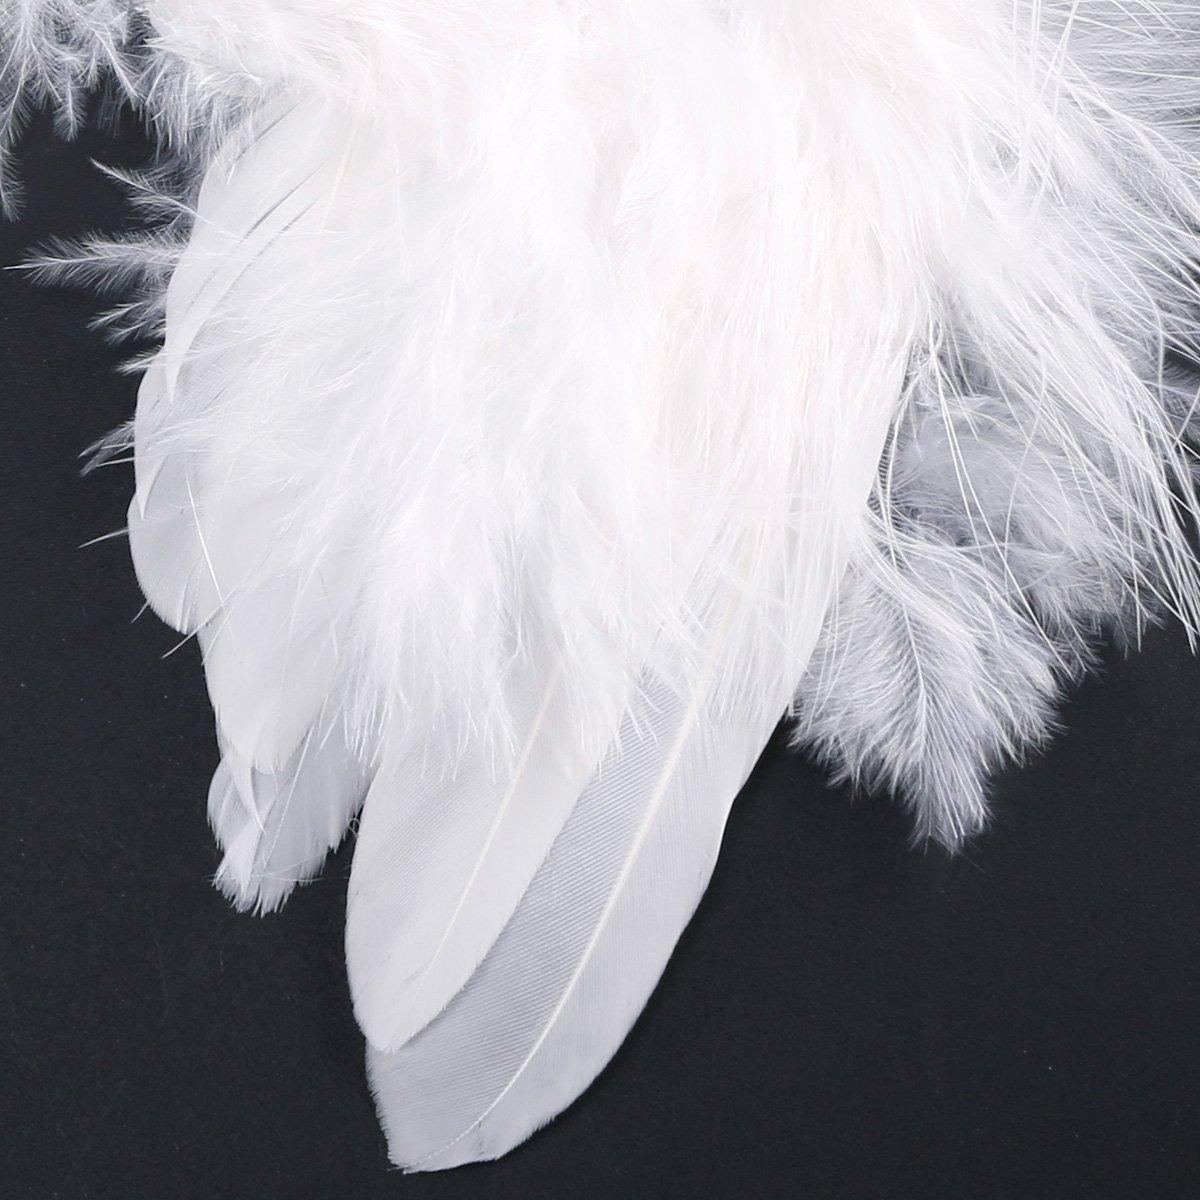 10 St 16cm Engelsflugel Federn Flugel Engel Anhanger Weihnachten